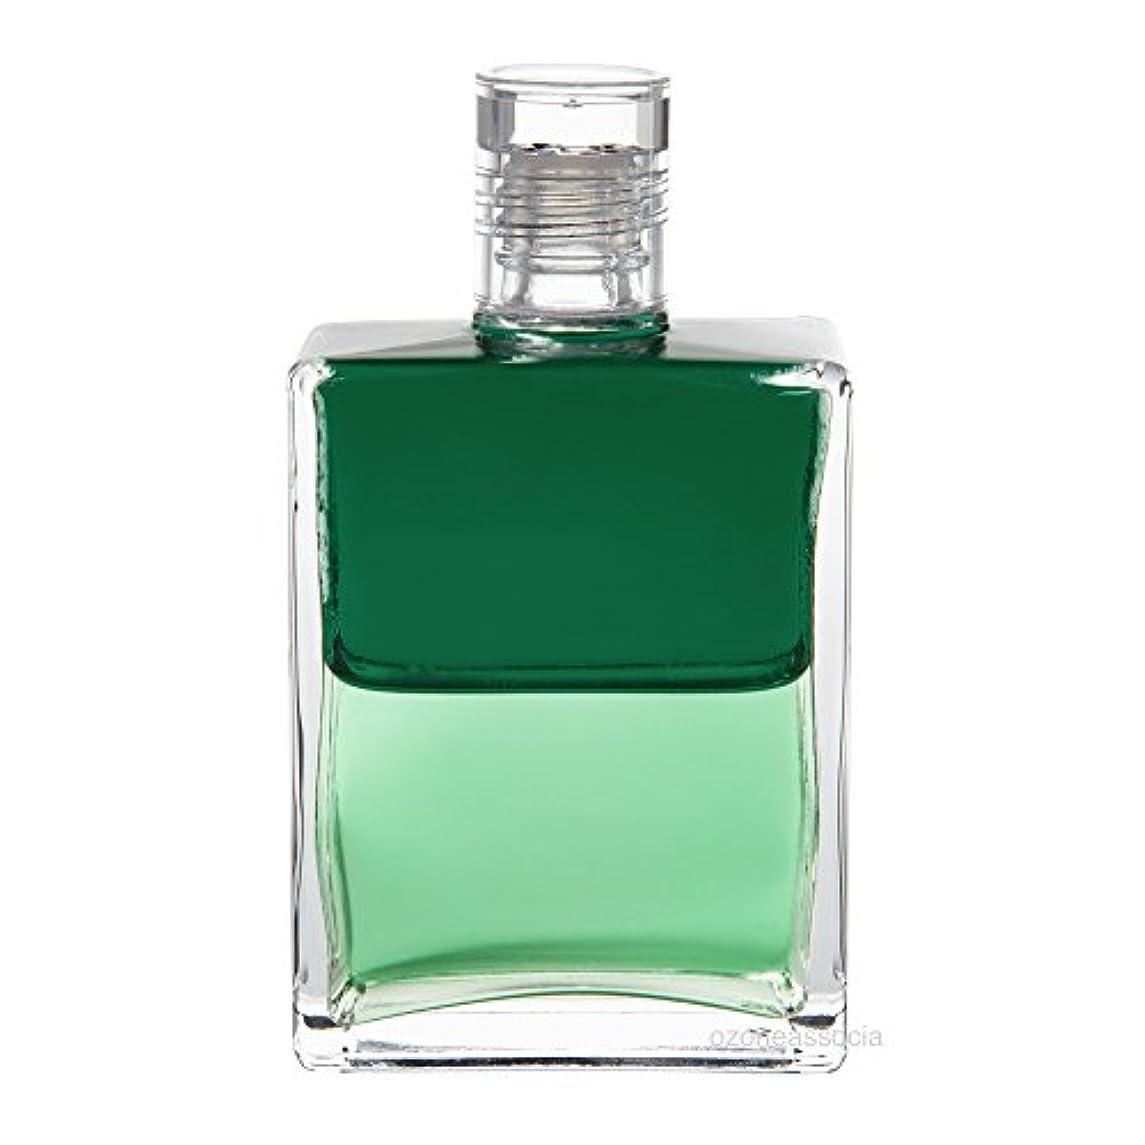 ビーム時刻表責オーラソーマ ボトル 63番  ジュワルクール&ヒラリオン (エメラルドグリーン/ペールグリーン) イクイリブリアムボトル50ml Aurasoma